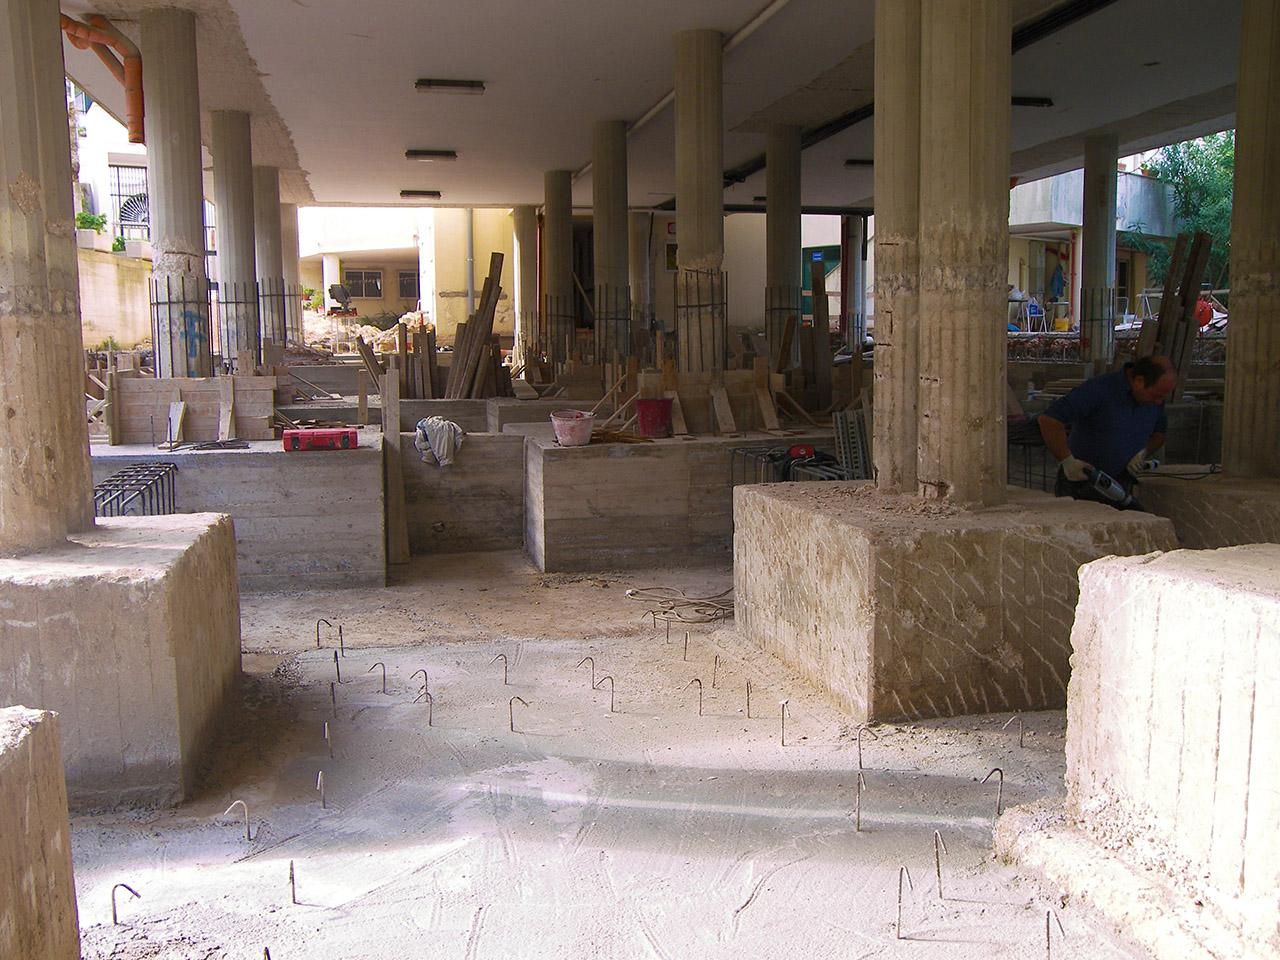 costruzioni restauri sirio ostuni consolidamento strutturale fondazioni suglia passeri rutigliano 4